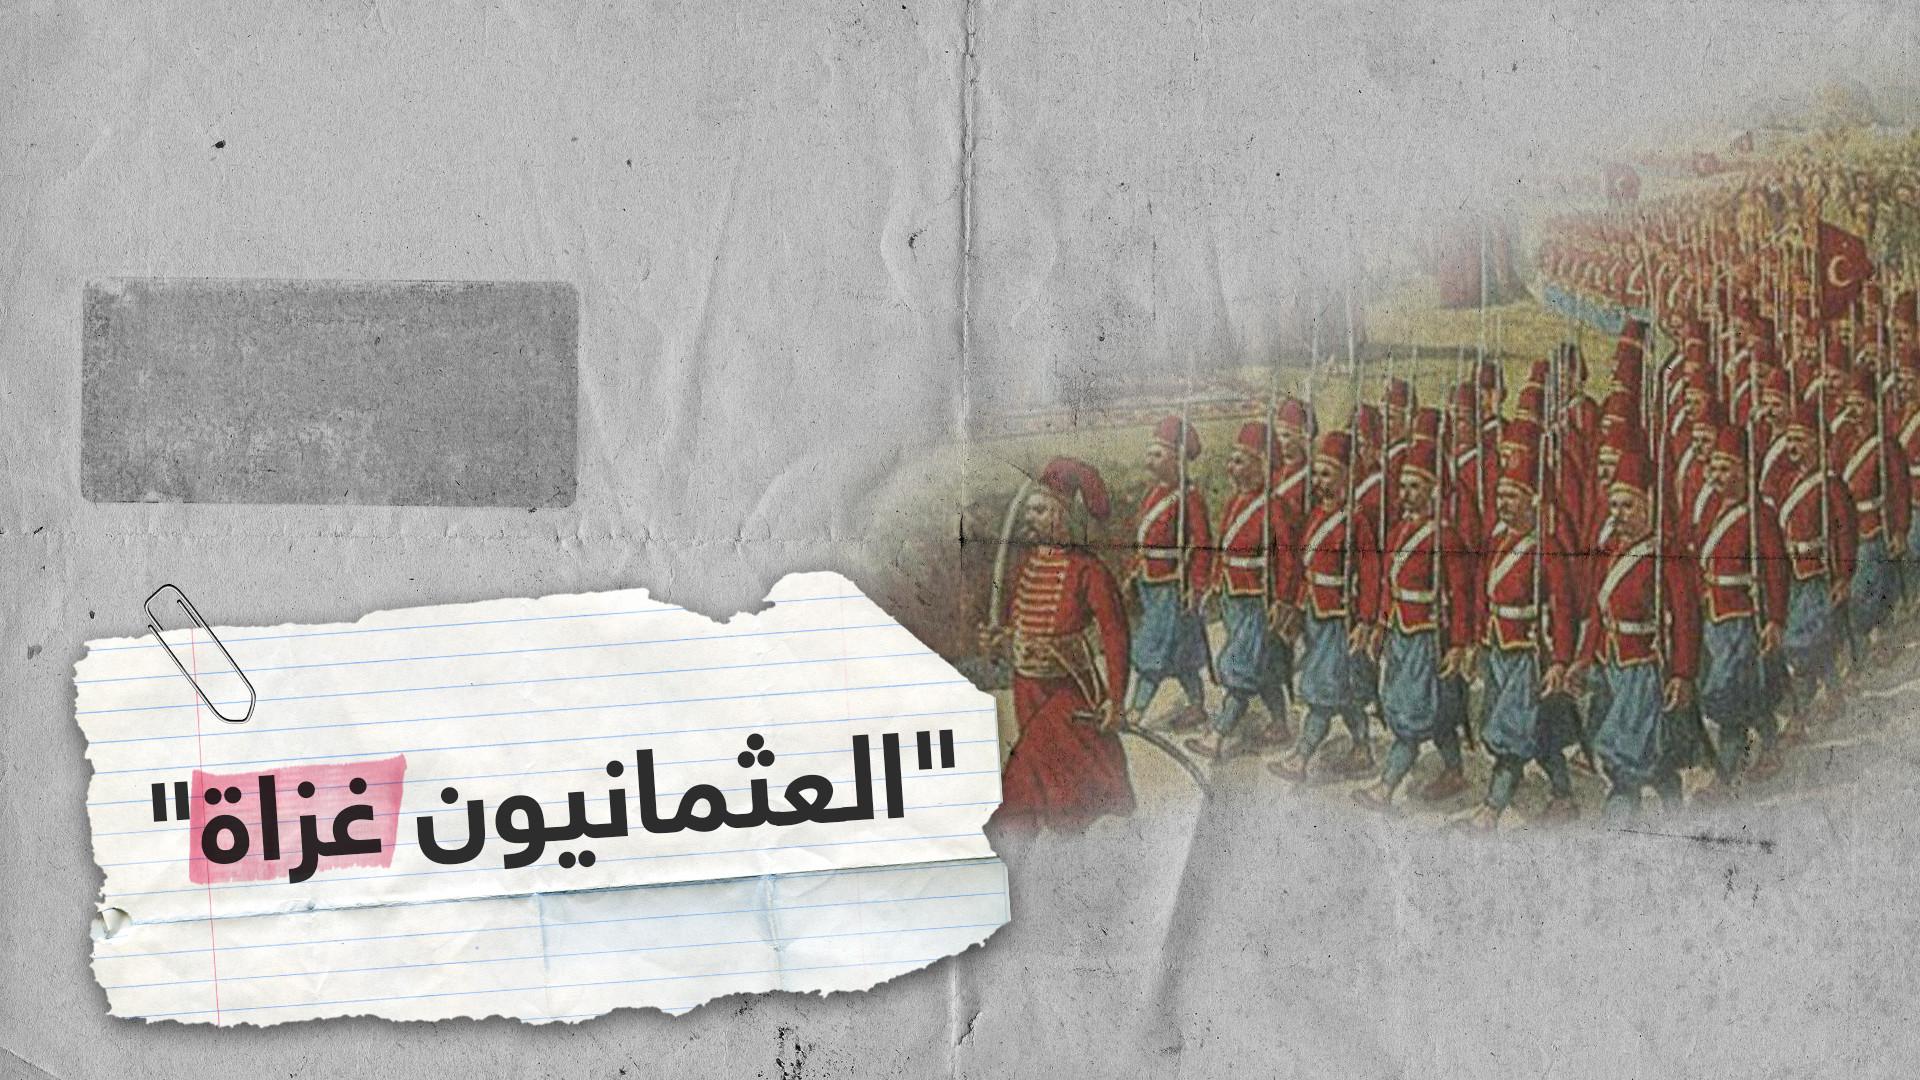 من خلافة إلى غزو.. تغير وصف العثمانيين بمناهج التعليم السعودية